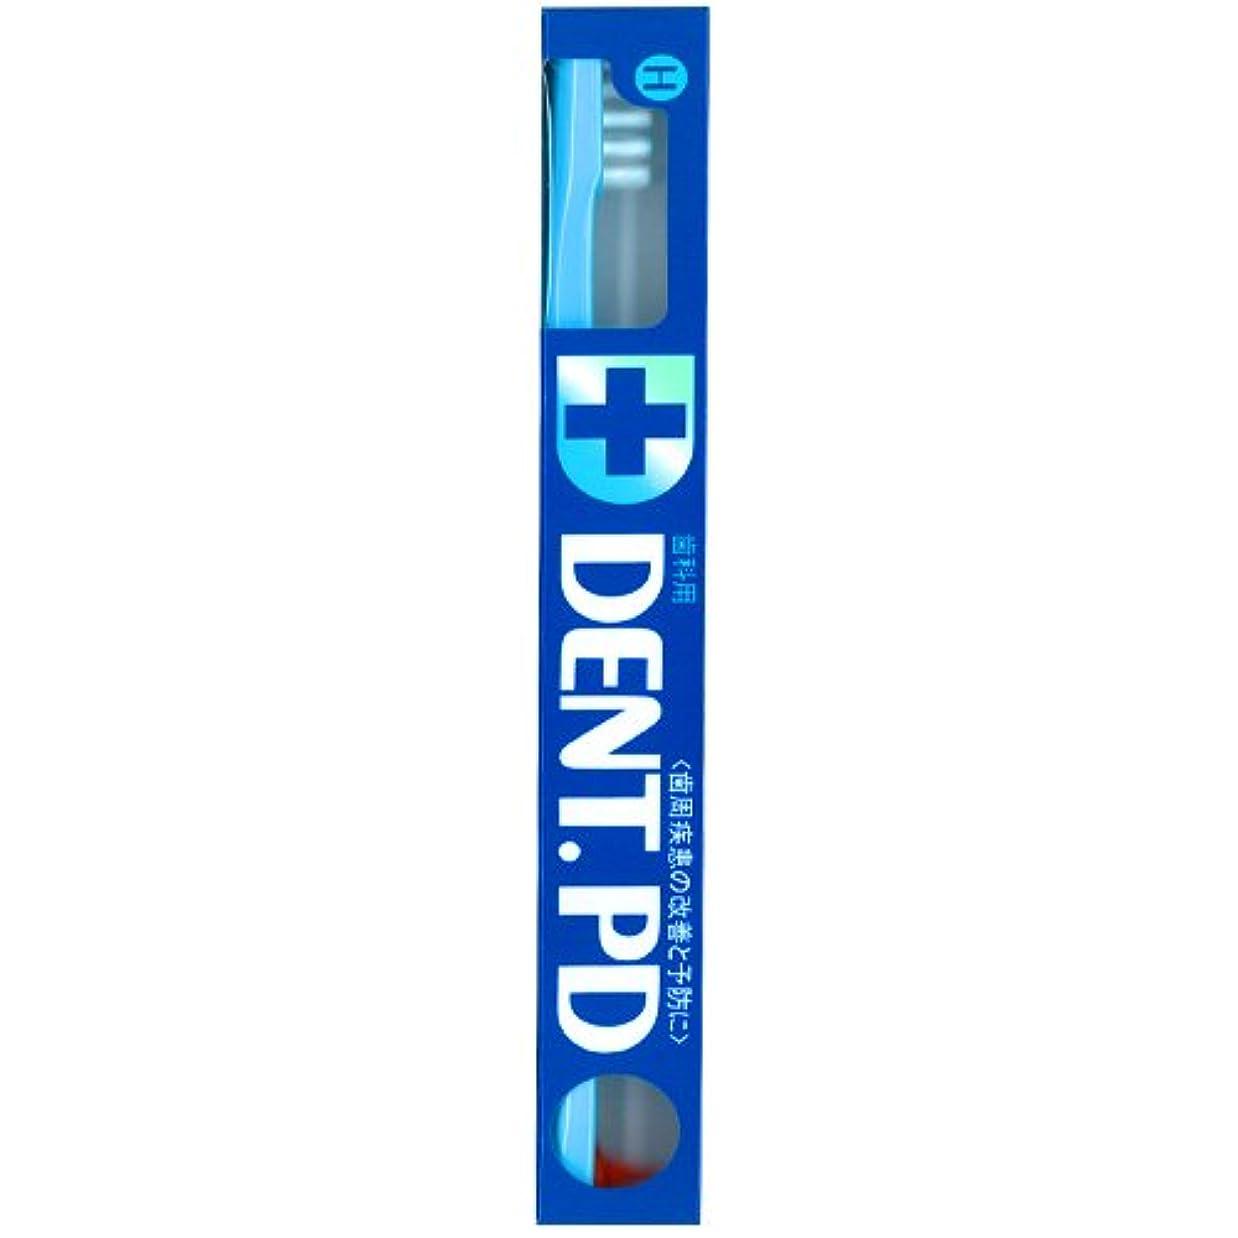 遺棄された努力取り替えるライオン DENT.PD歯ブラシ 1本 H (ブルー)